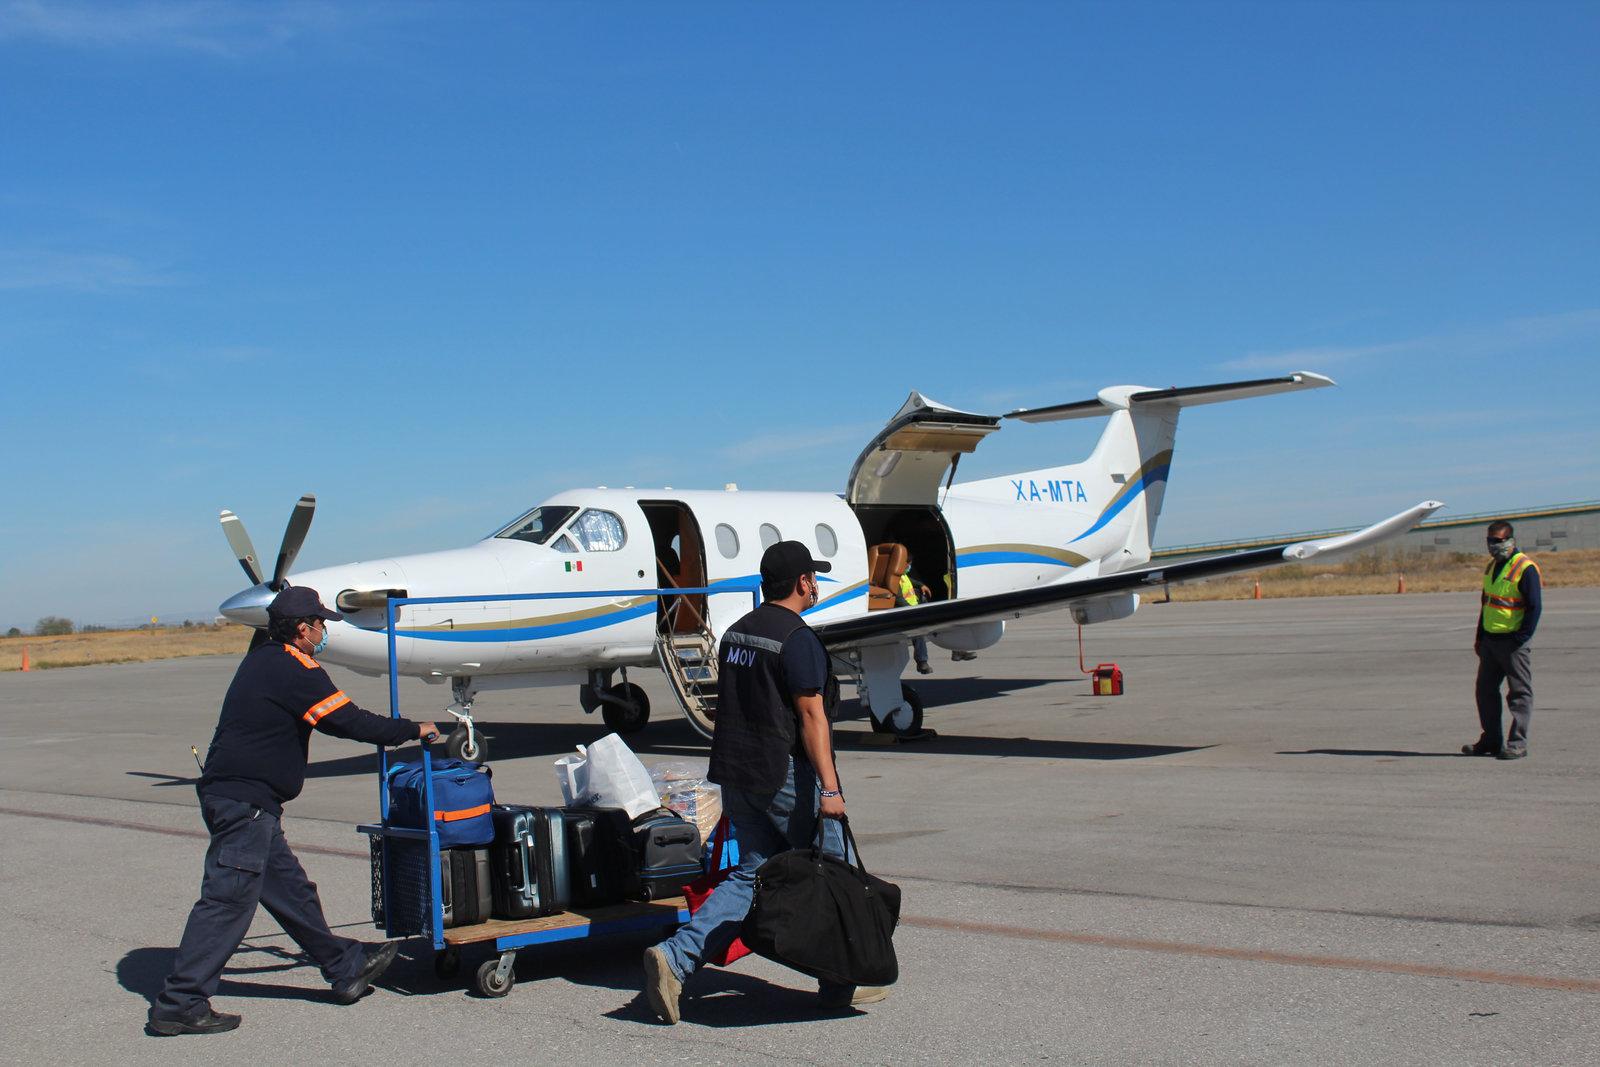 Para viajar en avión pedirán constancia negativa Covid-19